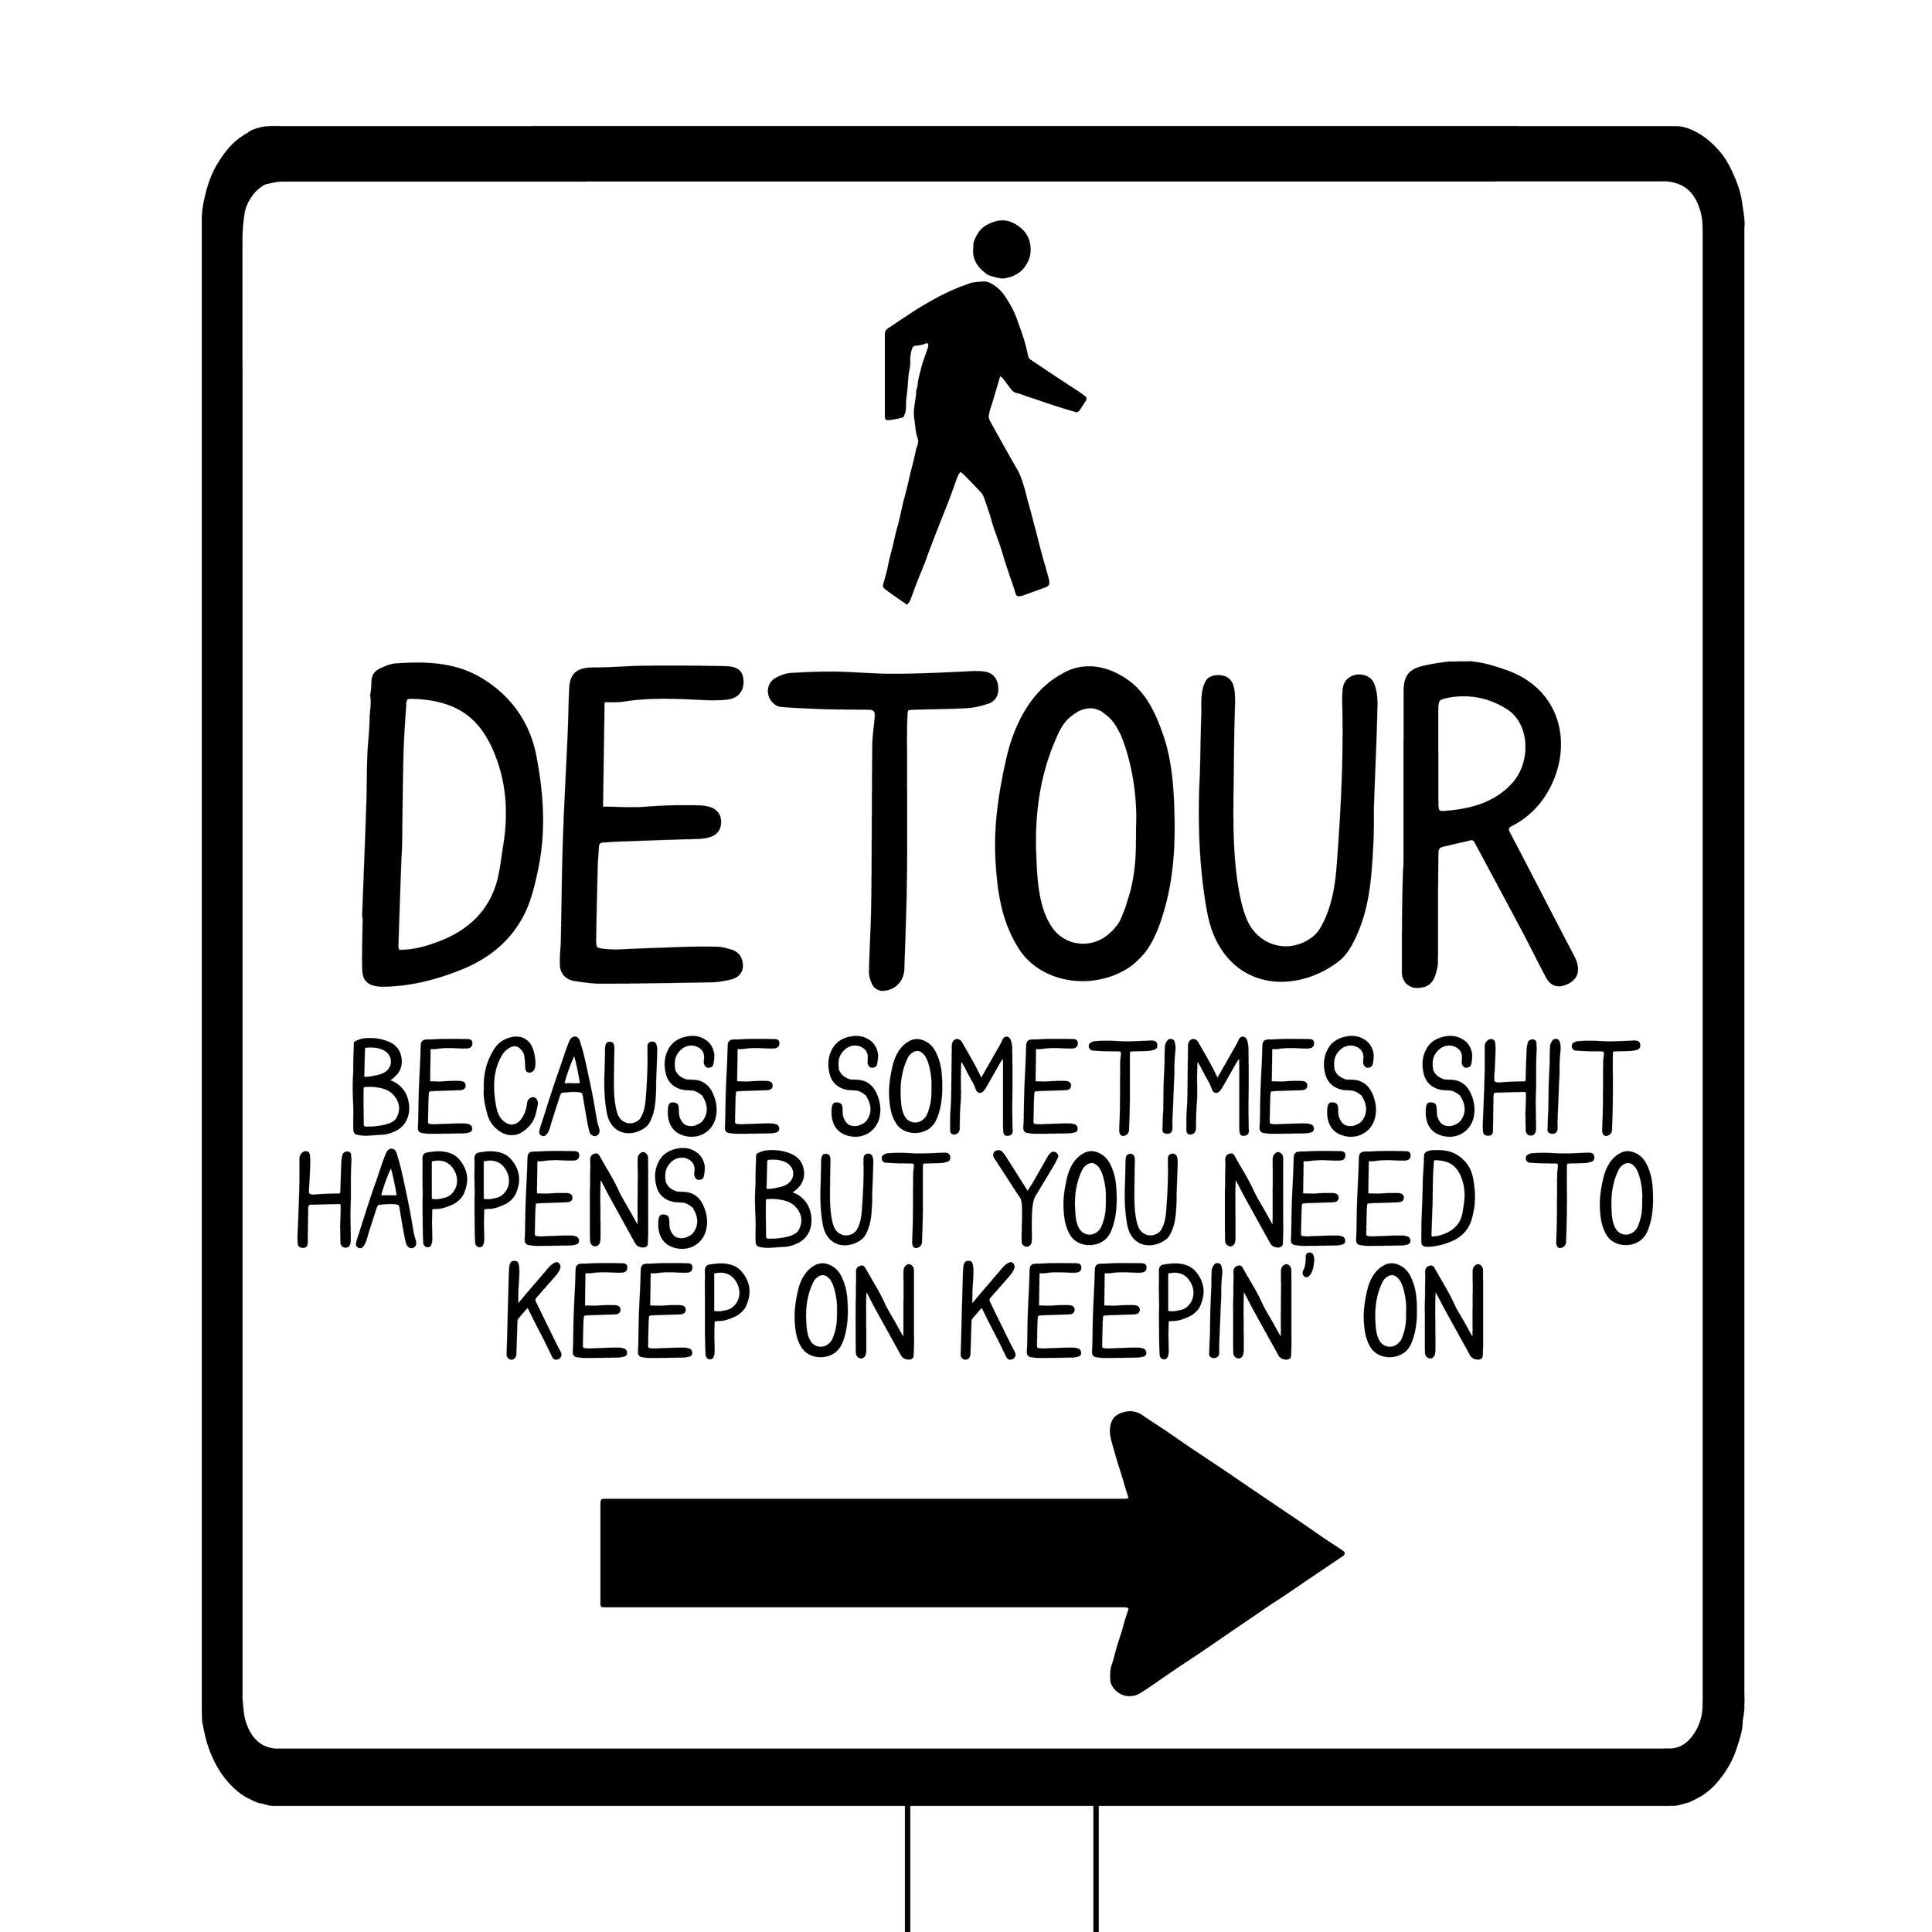 detour-01.jpg